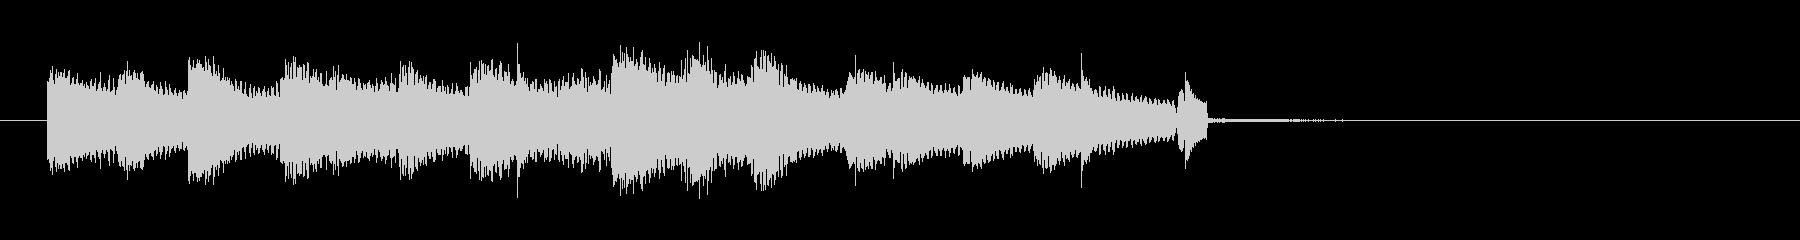 無機質なヒップホップの未再生の波形